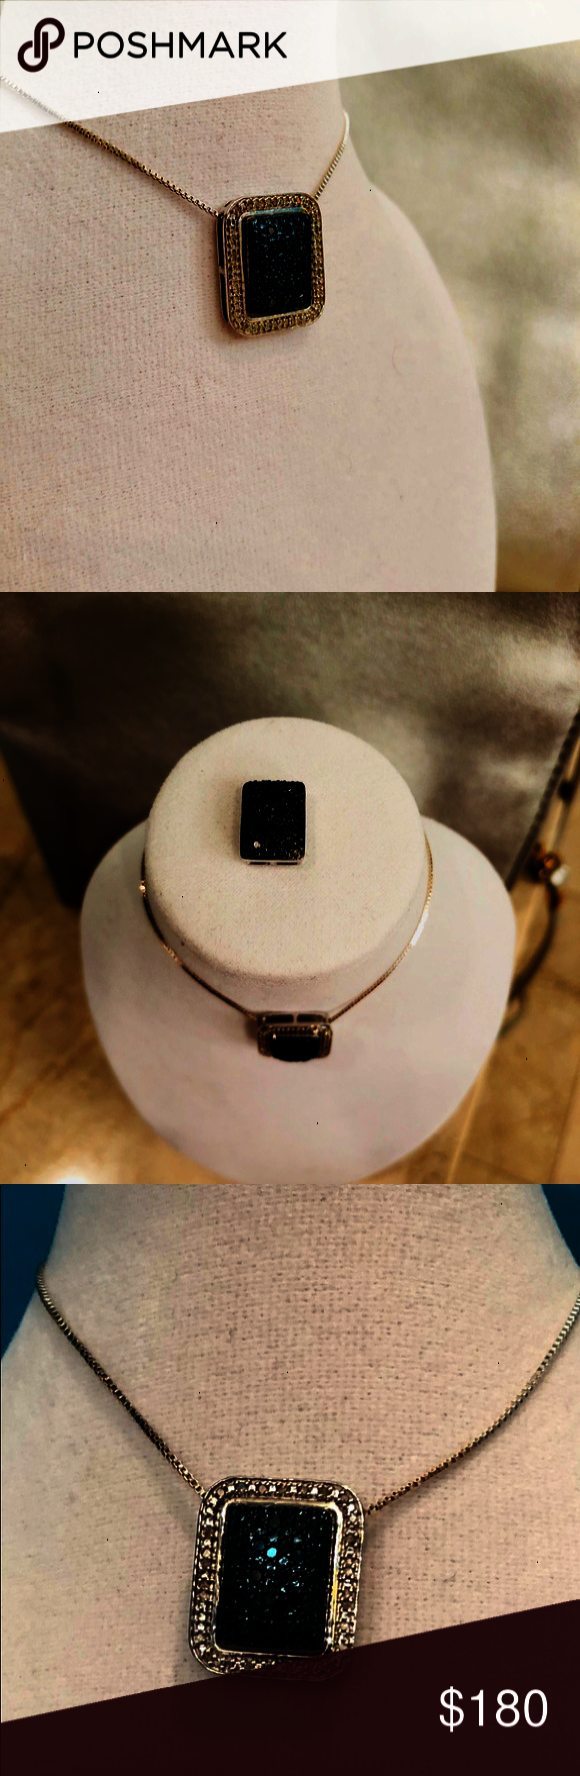 Diamond pendant earring set tanishq gold diamond dog tag pendant